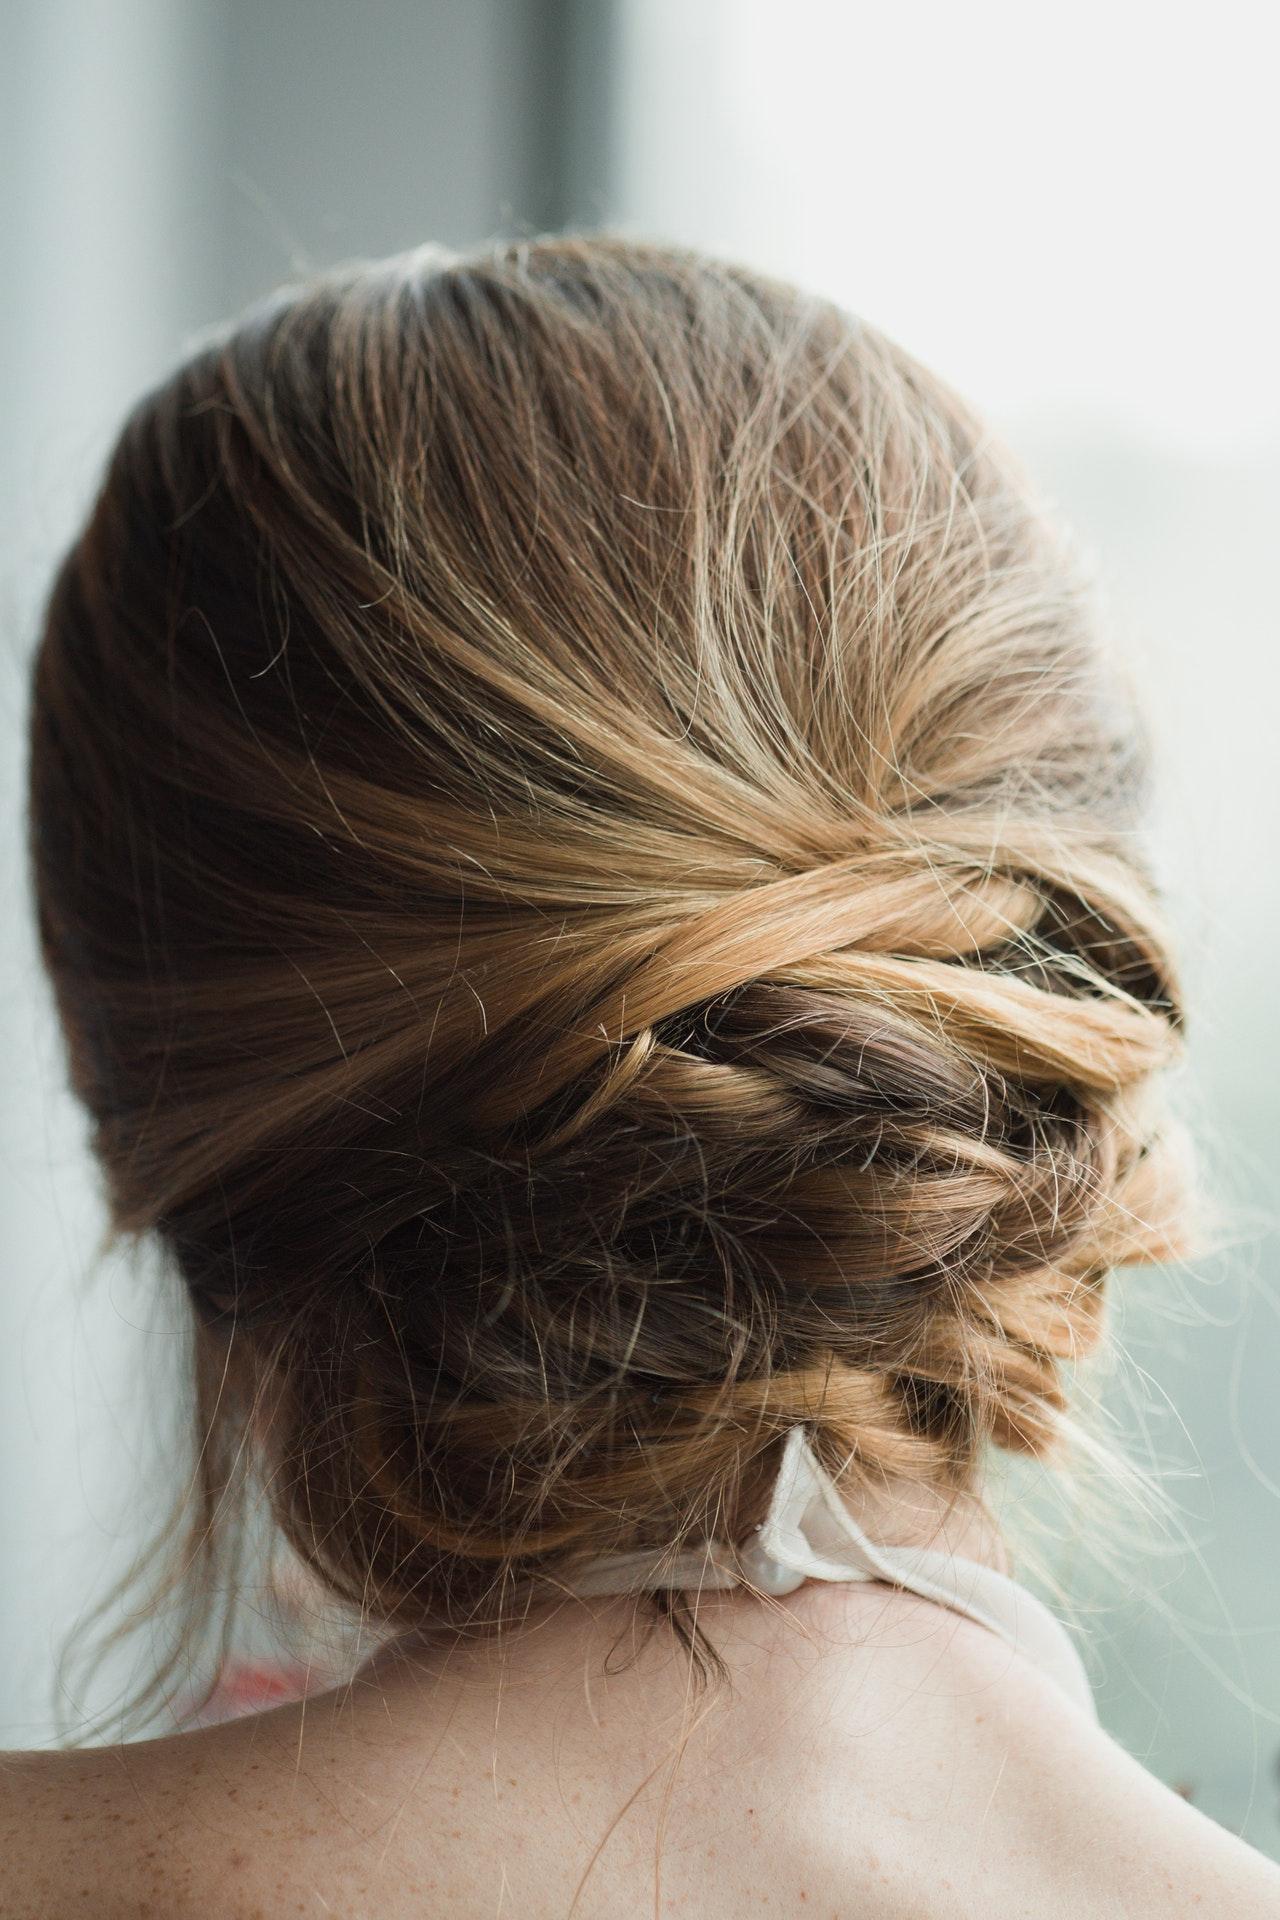 Płukanki do włosów – produkty dla blondynek i brunetek